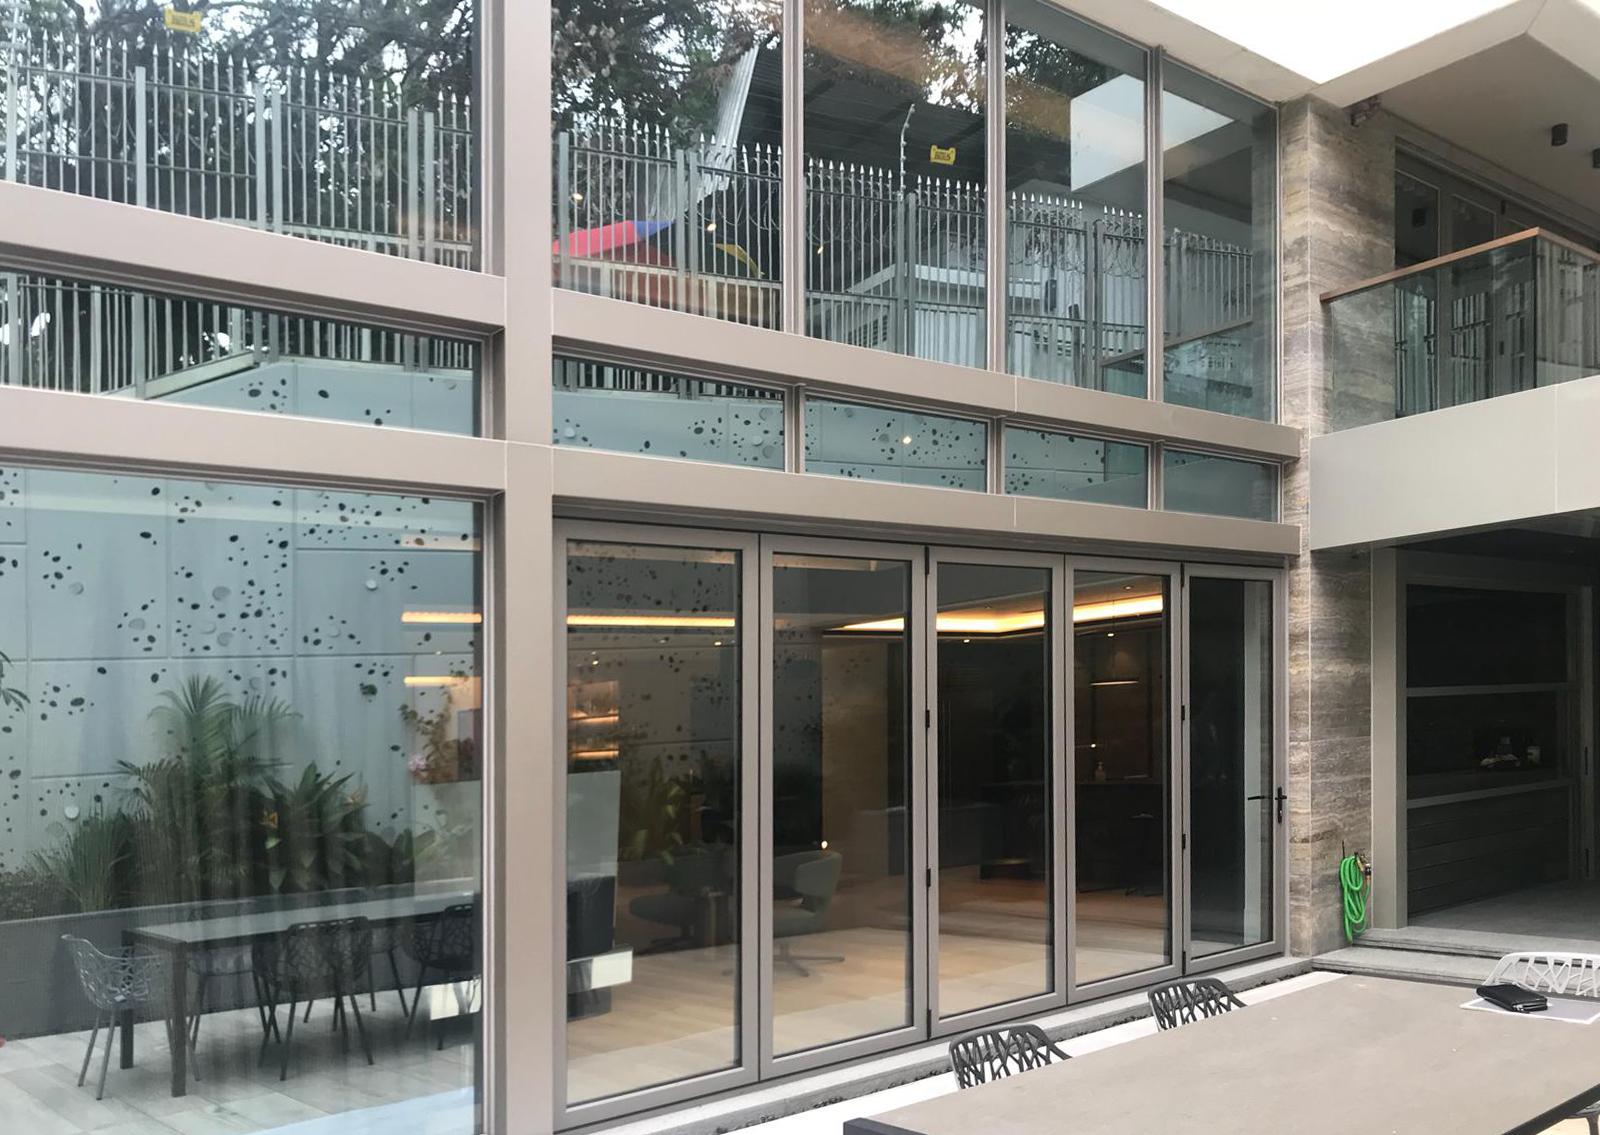 JS - Aluminium Windows in Hong Kong 香港優質鋁窗公司 – Aliplast -folding door 折疊式或滑動式玻璃門窗